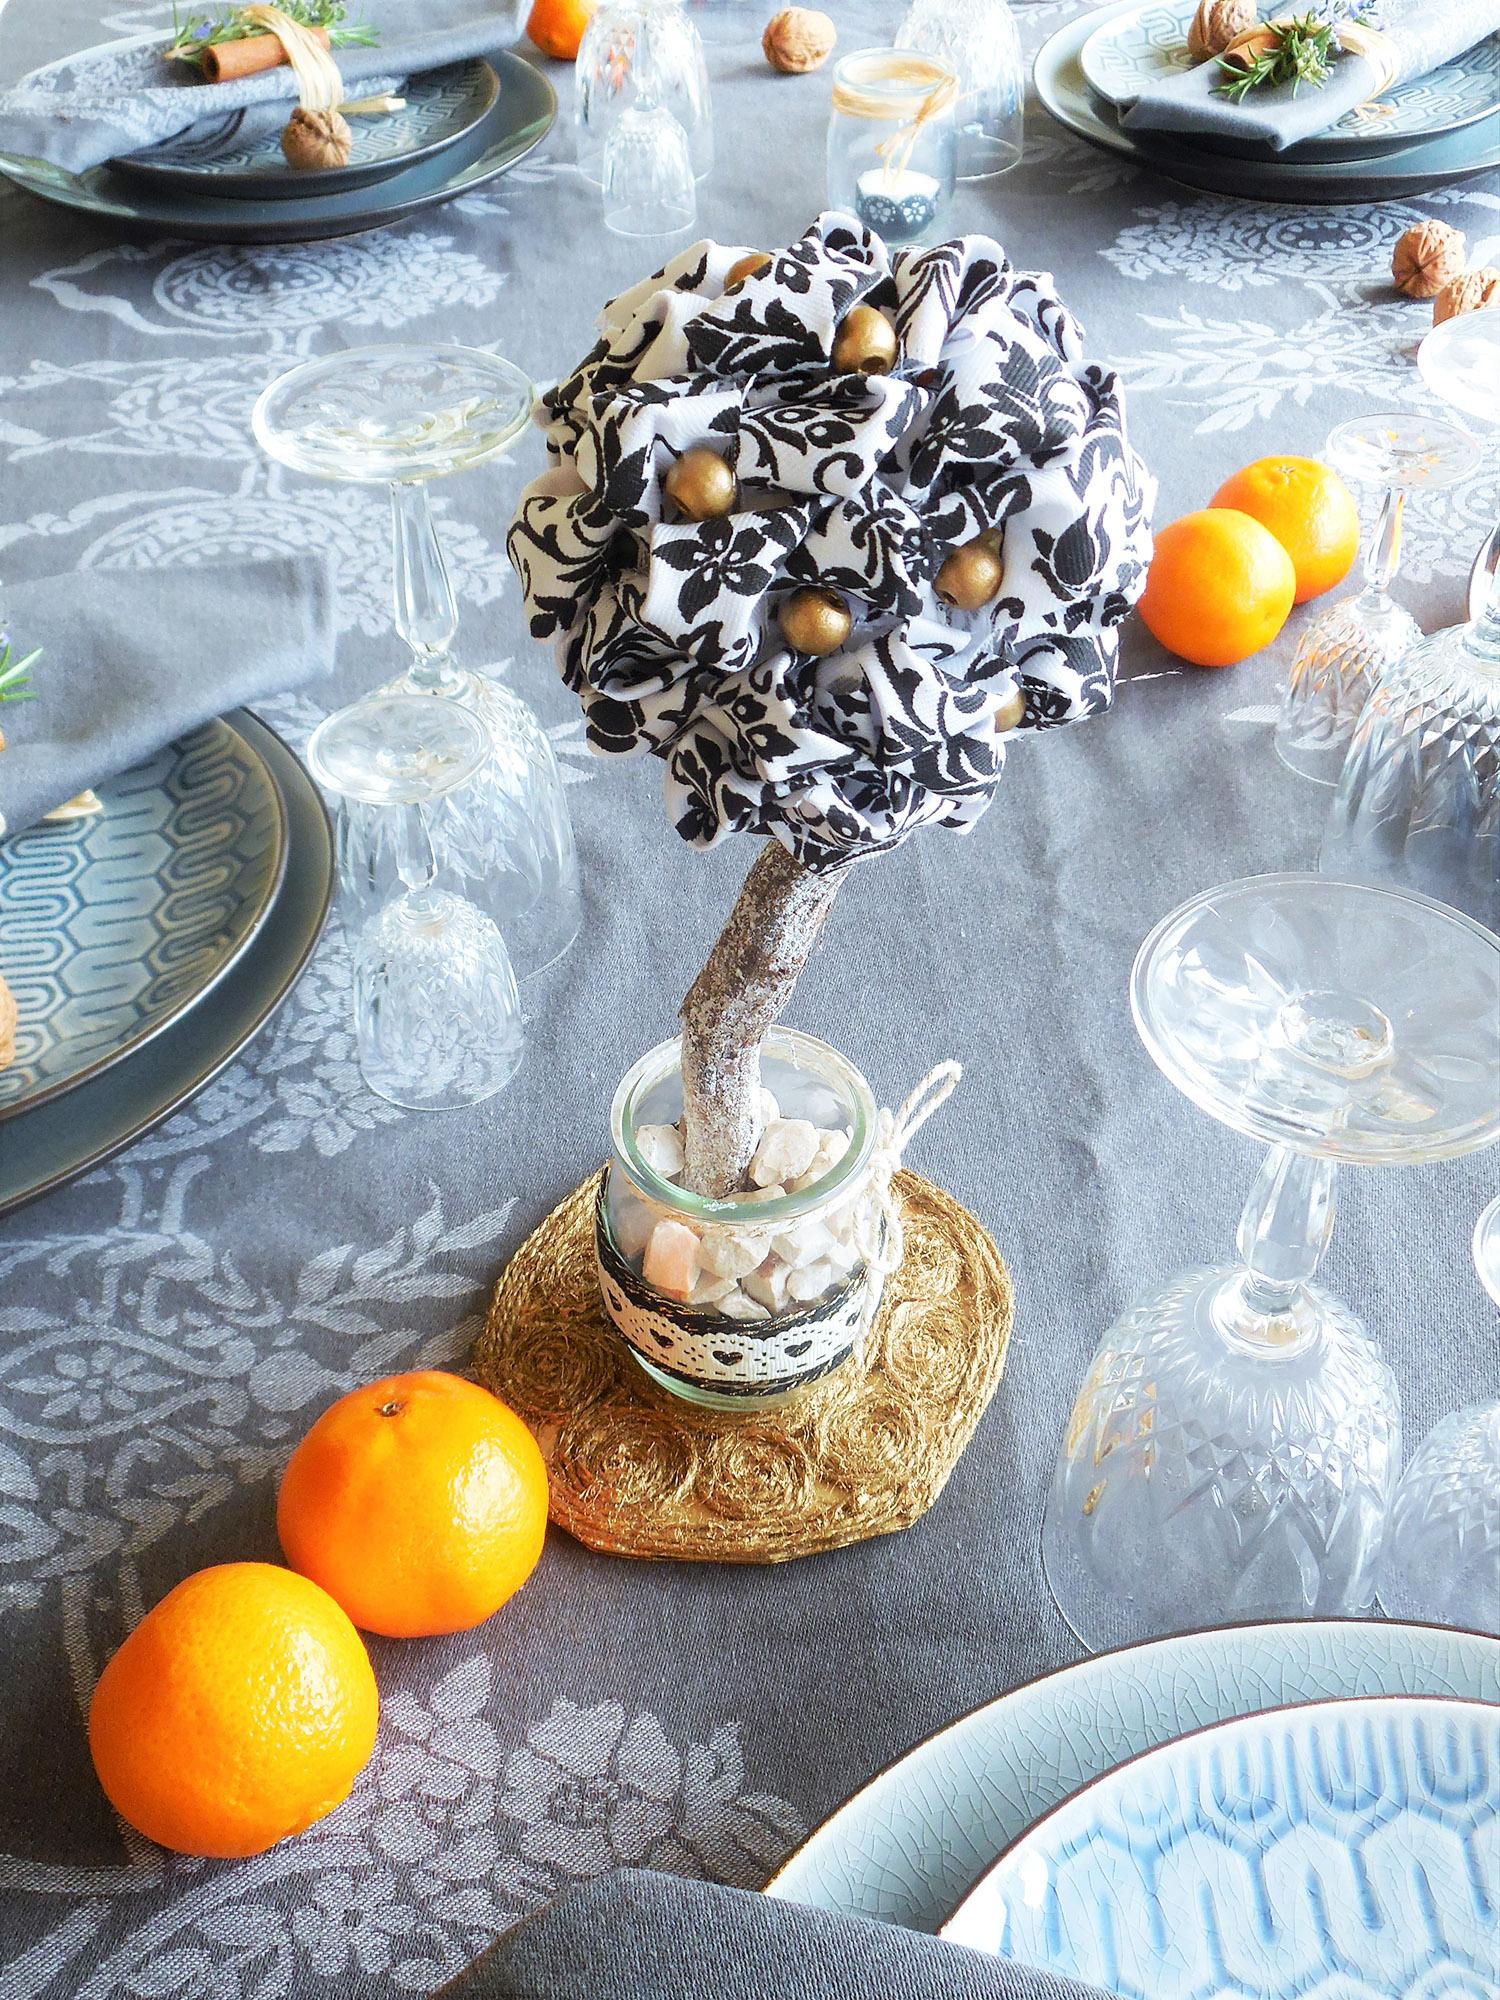 Tuto : décoration de table de Noël a faire soi-même par Jeanne s'amuse